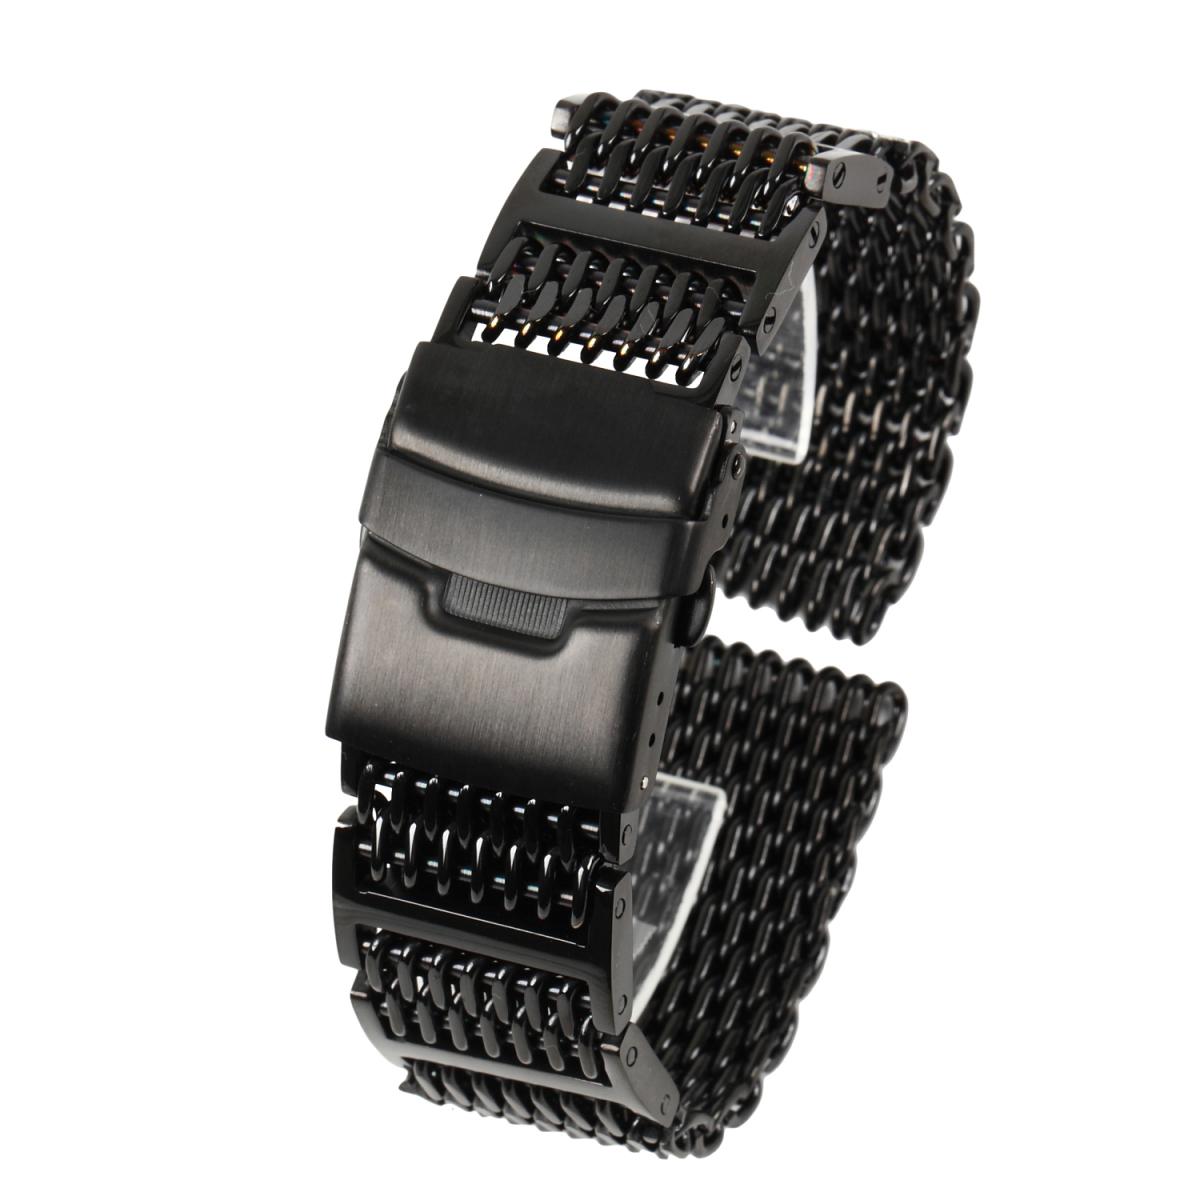 シャークメッシュ 20mm Hリンク ブラックステンレス 腕時計ベルト_画像1